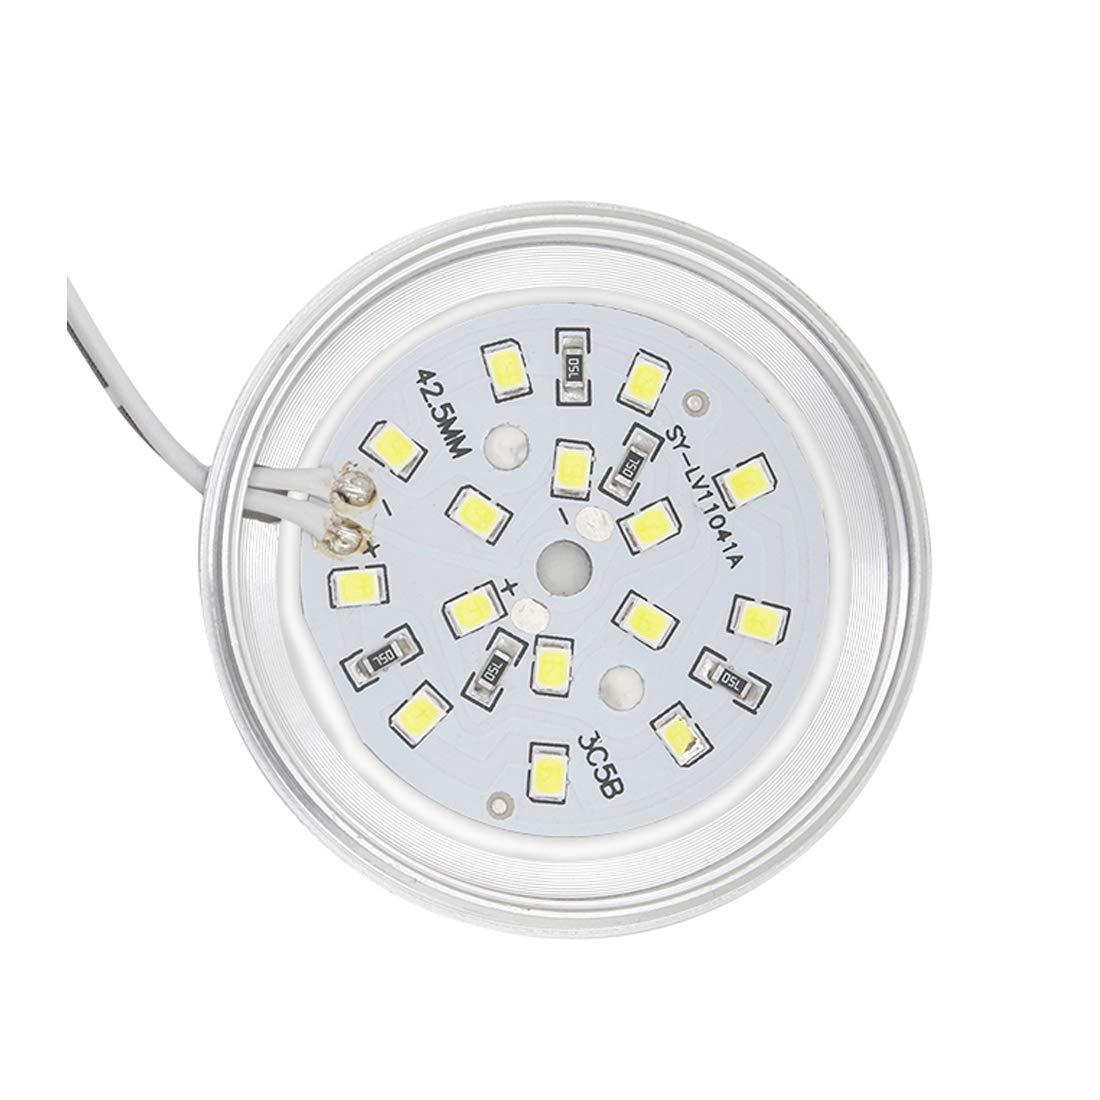 Seven Lights luz empotrada en el techo superficie montada de 8 mm de espesor 3W 12V SMD2835 luces debajo de la cocina del gabinete carcasa de plata 4000K